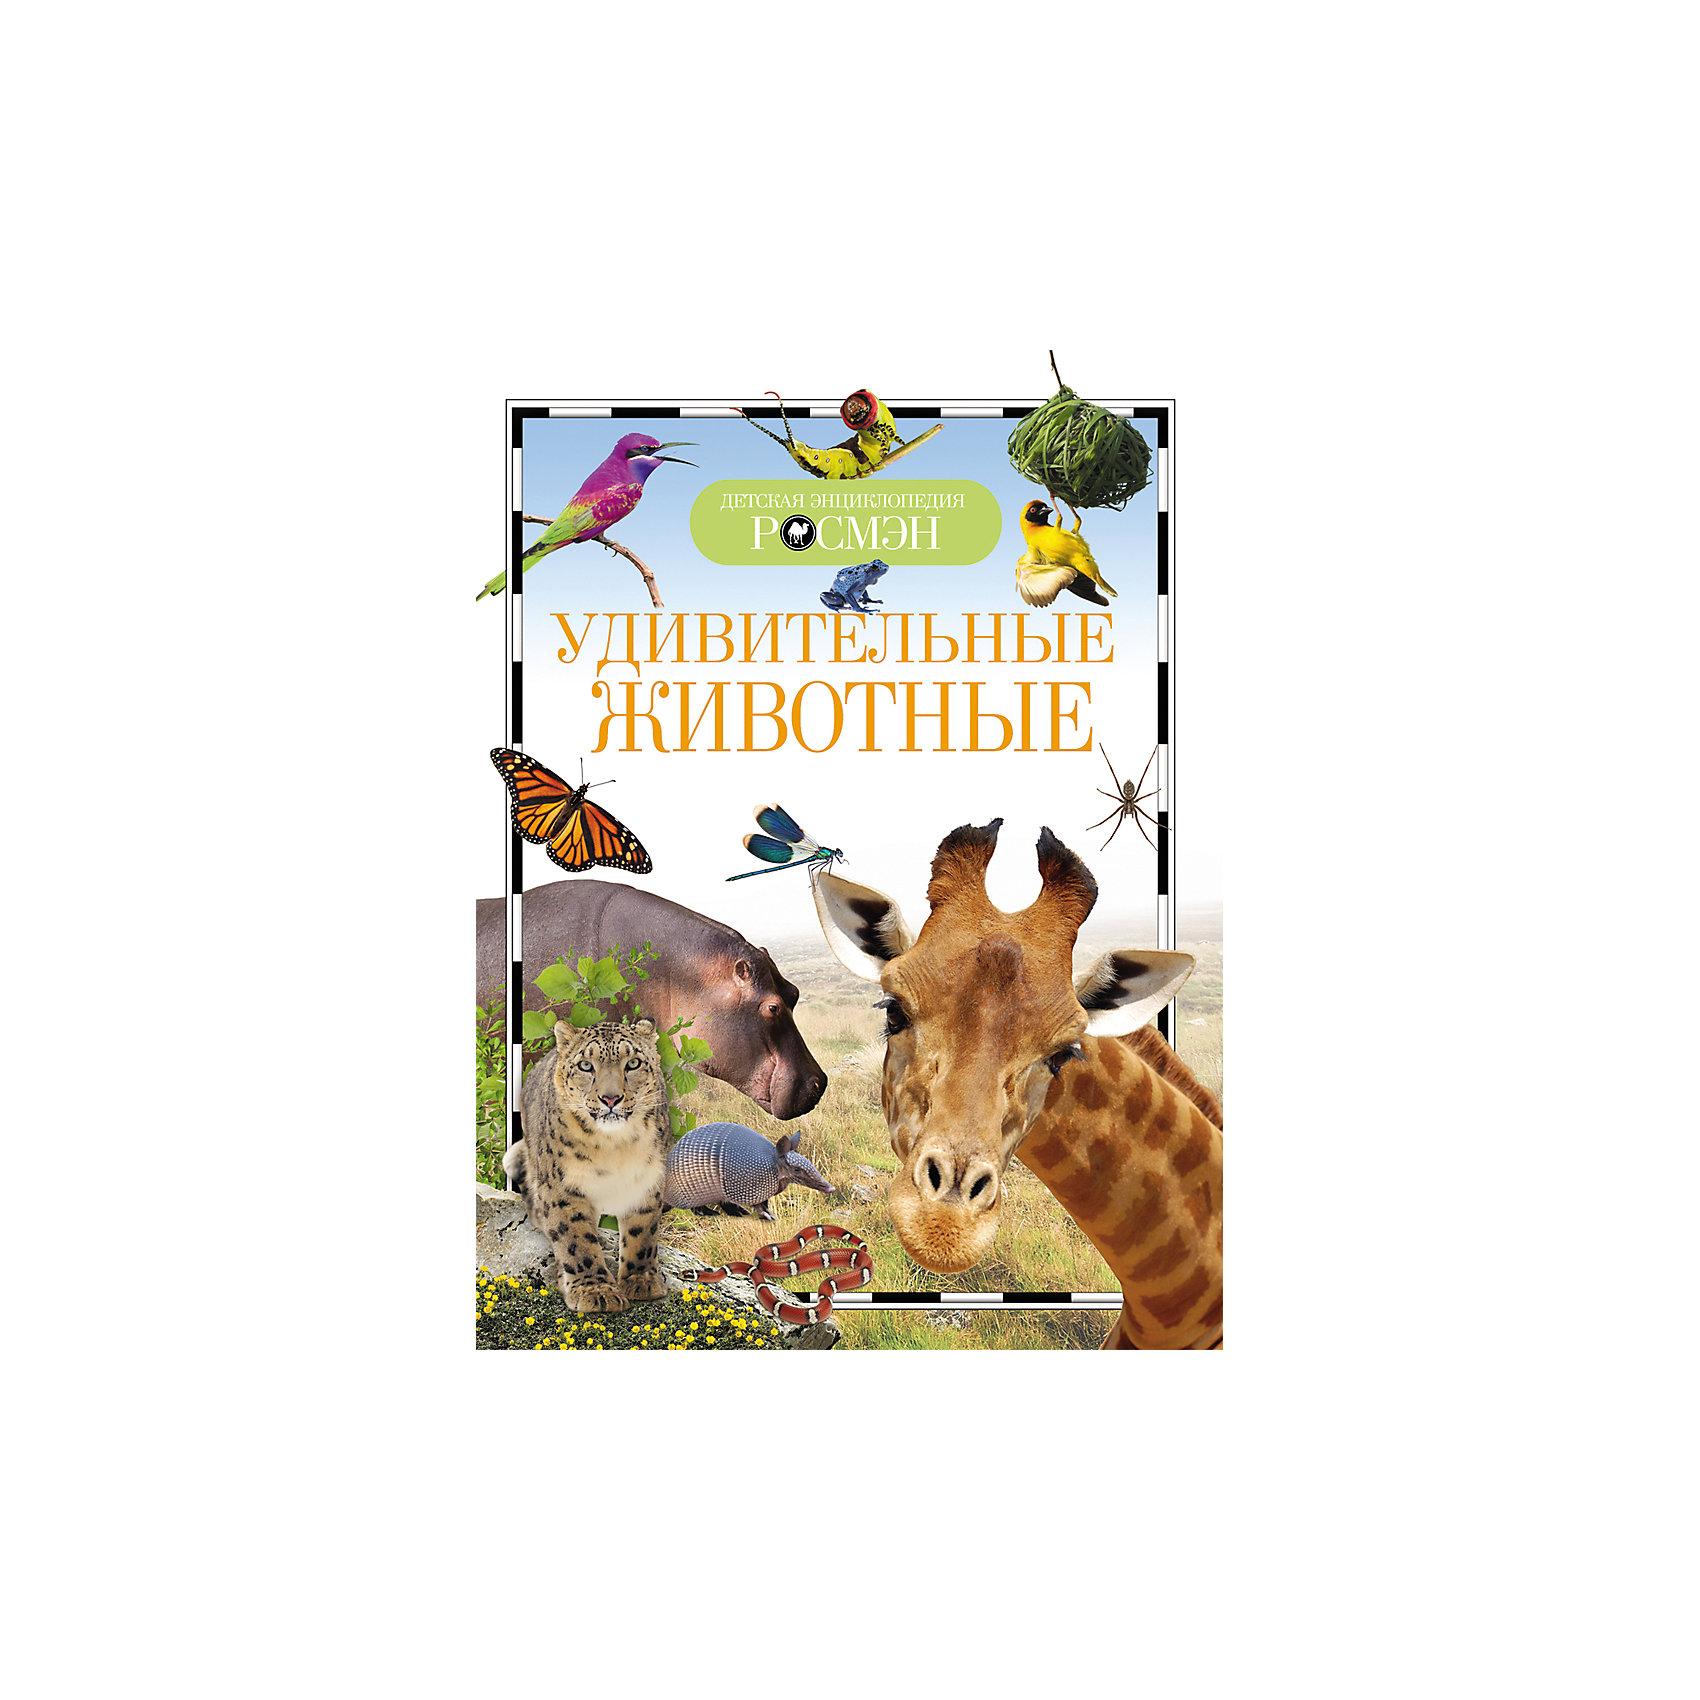 Удивительные животныеЭнциклопедии<br>Удивительные животные - эта красочная книга серии «Детская энциклопедия» содержит много полезных сведений и интересных фактов.<br>Книга рассказывает о самых разных видах животных, обитающих на Земле. Юные читатели узнают любопытные факты из жизни млекопитающих, птиц, насекомых, рептилий, амфибий, морских обитателей планеты, изложенные увлекательным языком. Крошечные и огромные, хищные и травоядные, опасные и безобидные, дикие и домашние - животные такие разные, но именно поэтому они и интересны нам.<br><br>Дополнительная информация:<br><br>- Автор: Травина И.<br>- Издательство: Росмэн<br>- Тип обложки: твердая глянцевая<br>- Иллюстрации: цветные<br>- Количество страниц: 96<br>- Размер: 222 х 165 x 8 мм.<br>- Вес: 230 гр.<br><br>Книгу Удивительные животные можно купить в нашем интернет-магазине.<br><br>Ширина мм: 222<br>Глубина мм: 165<br>Высота мм: 8<br>Вес г: 230<br>Возраст от месяцев: 84<br>Возраст до месяцев: 108<br>Пол: Унисекс<br>Возраст: Детский<br>SKU: 4602297